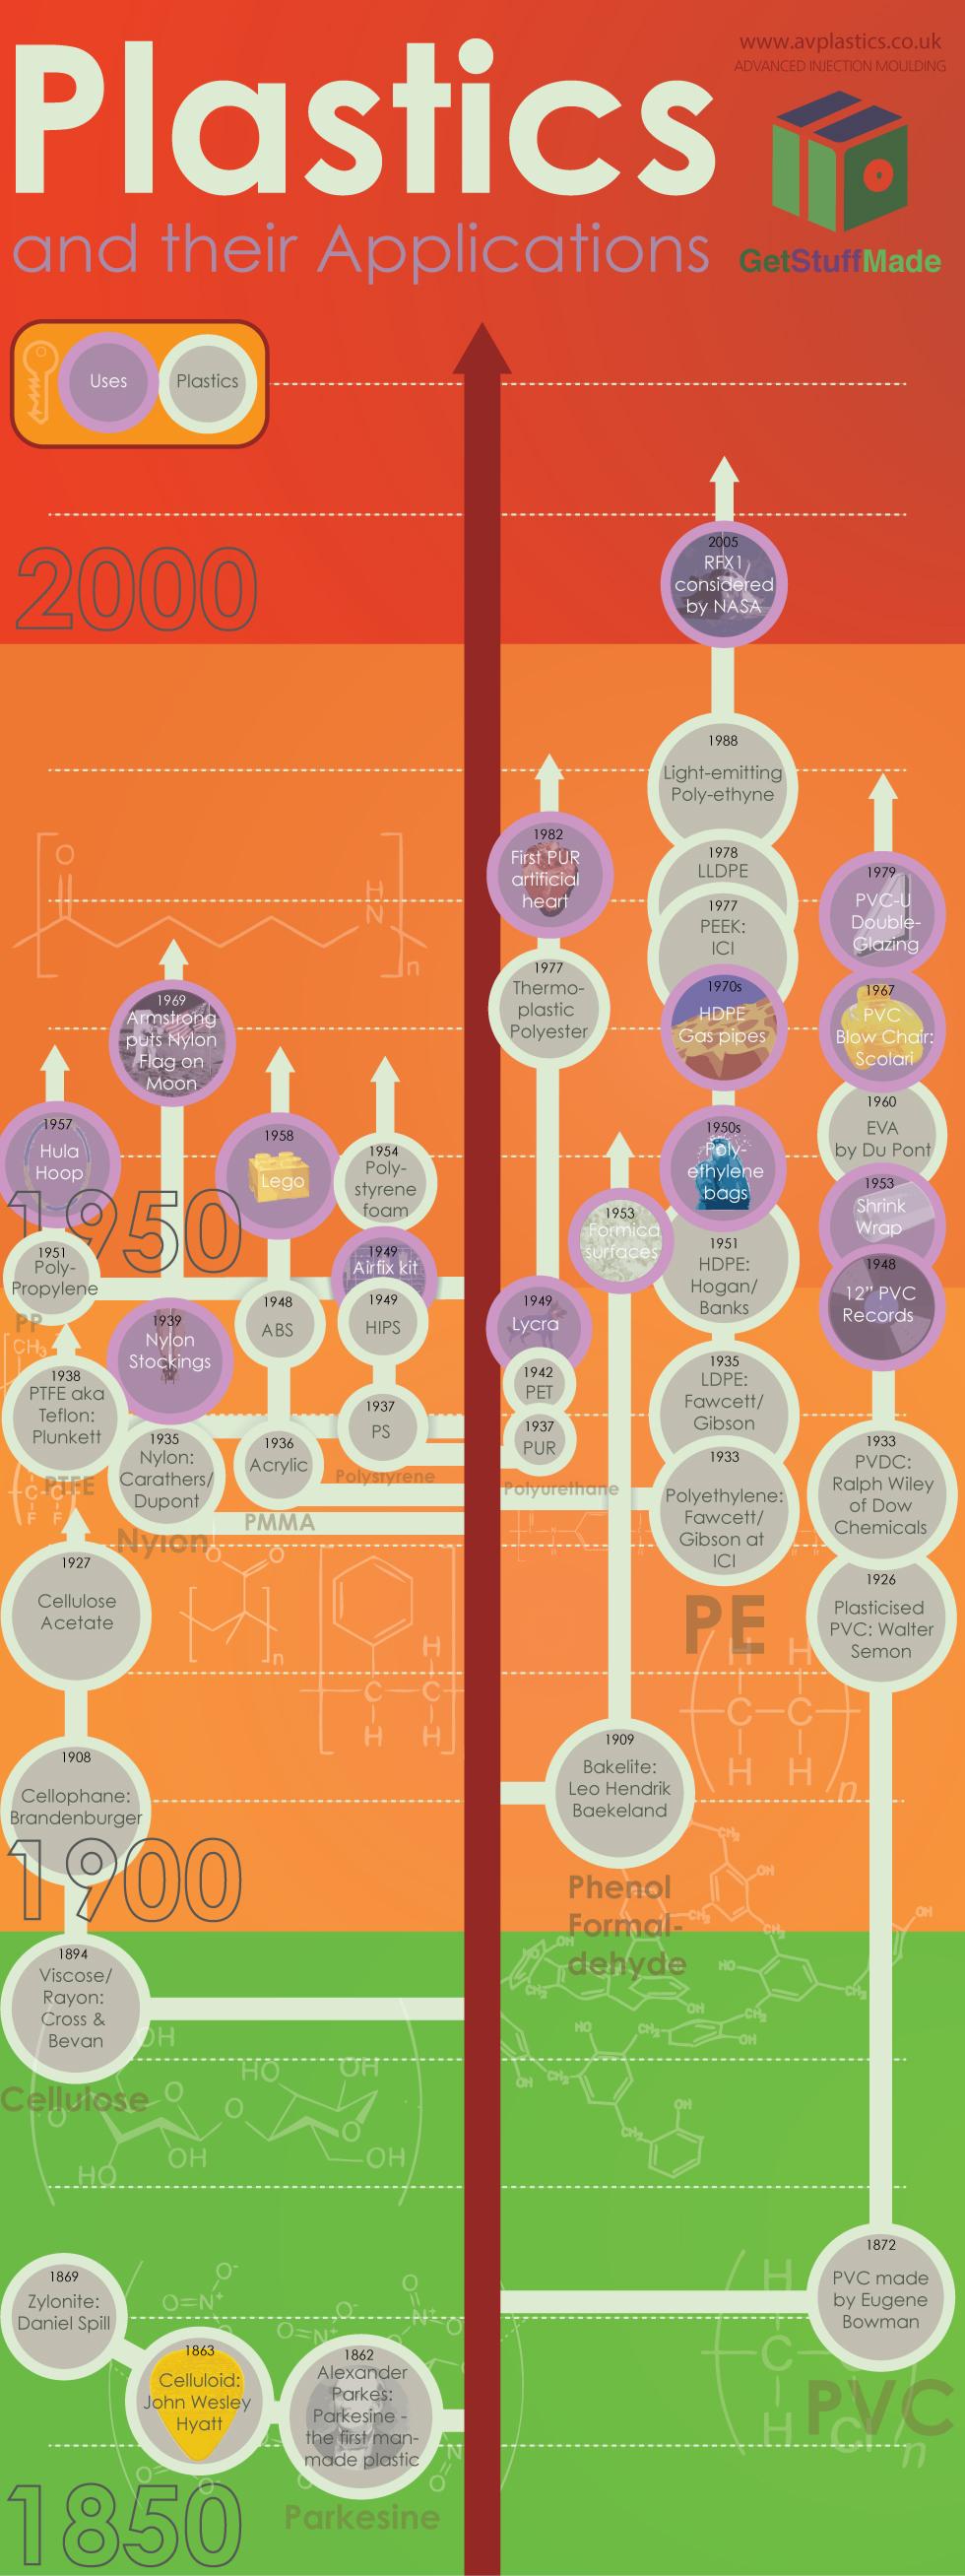 plastics history infographic